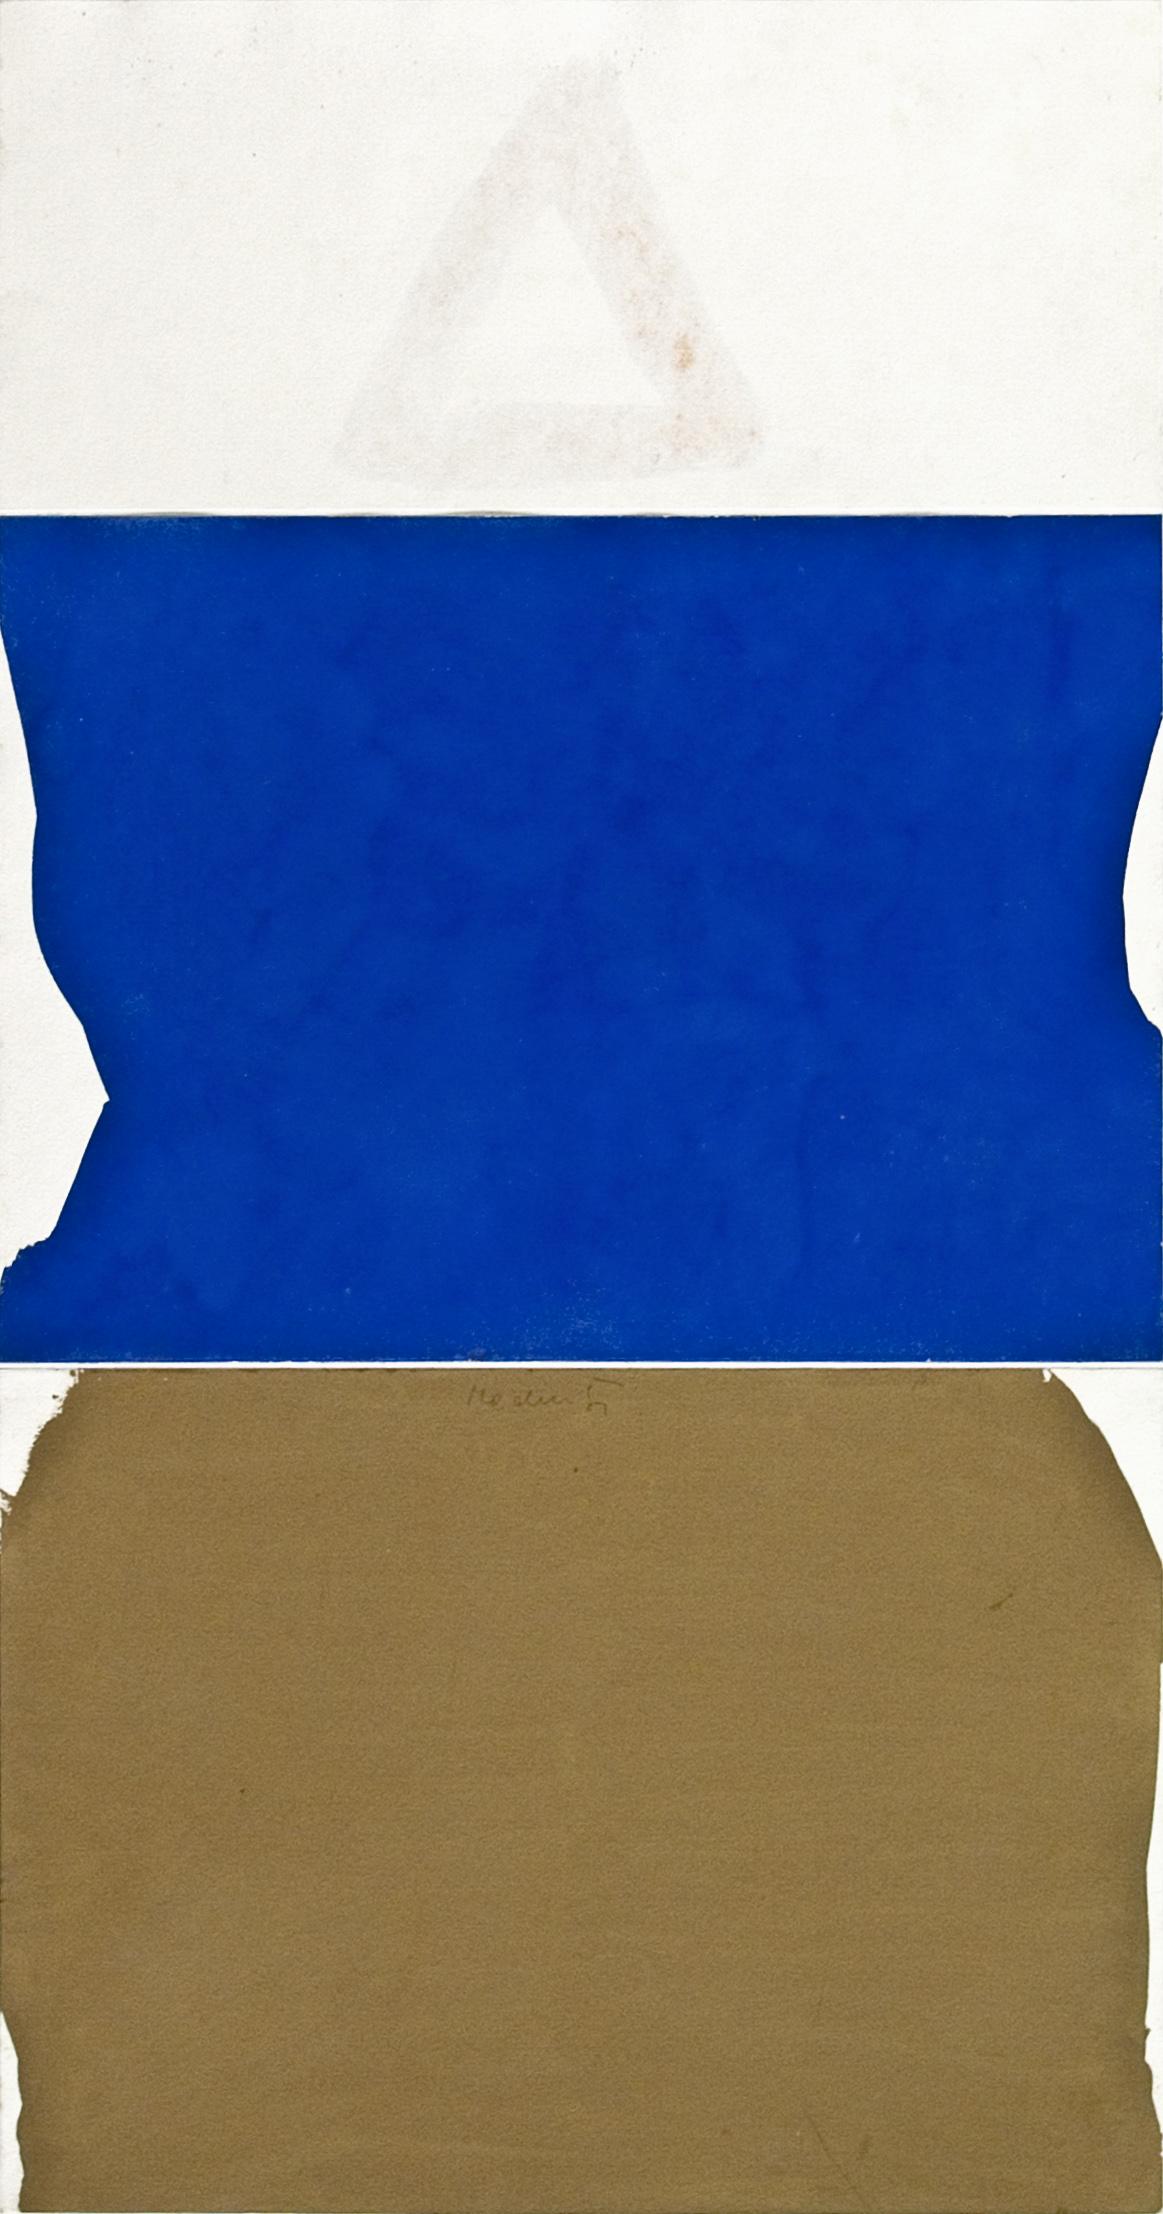 akril, papir, 100 x 52 cm, 1982